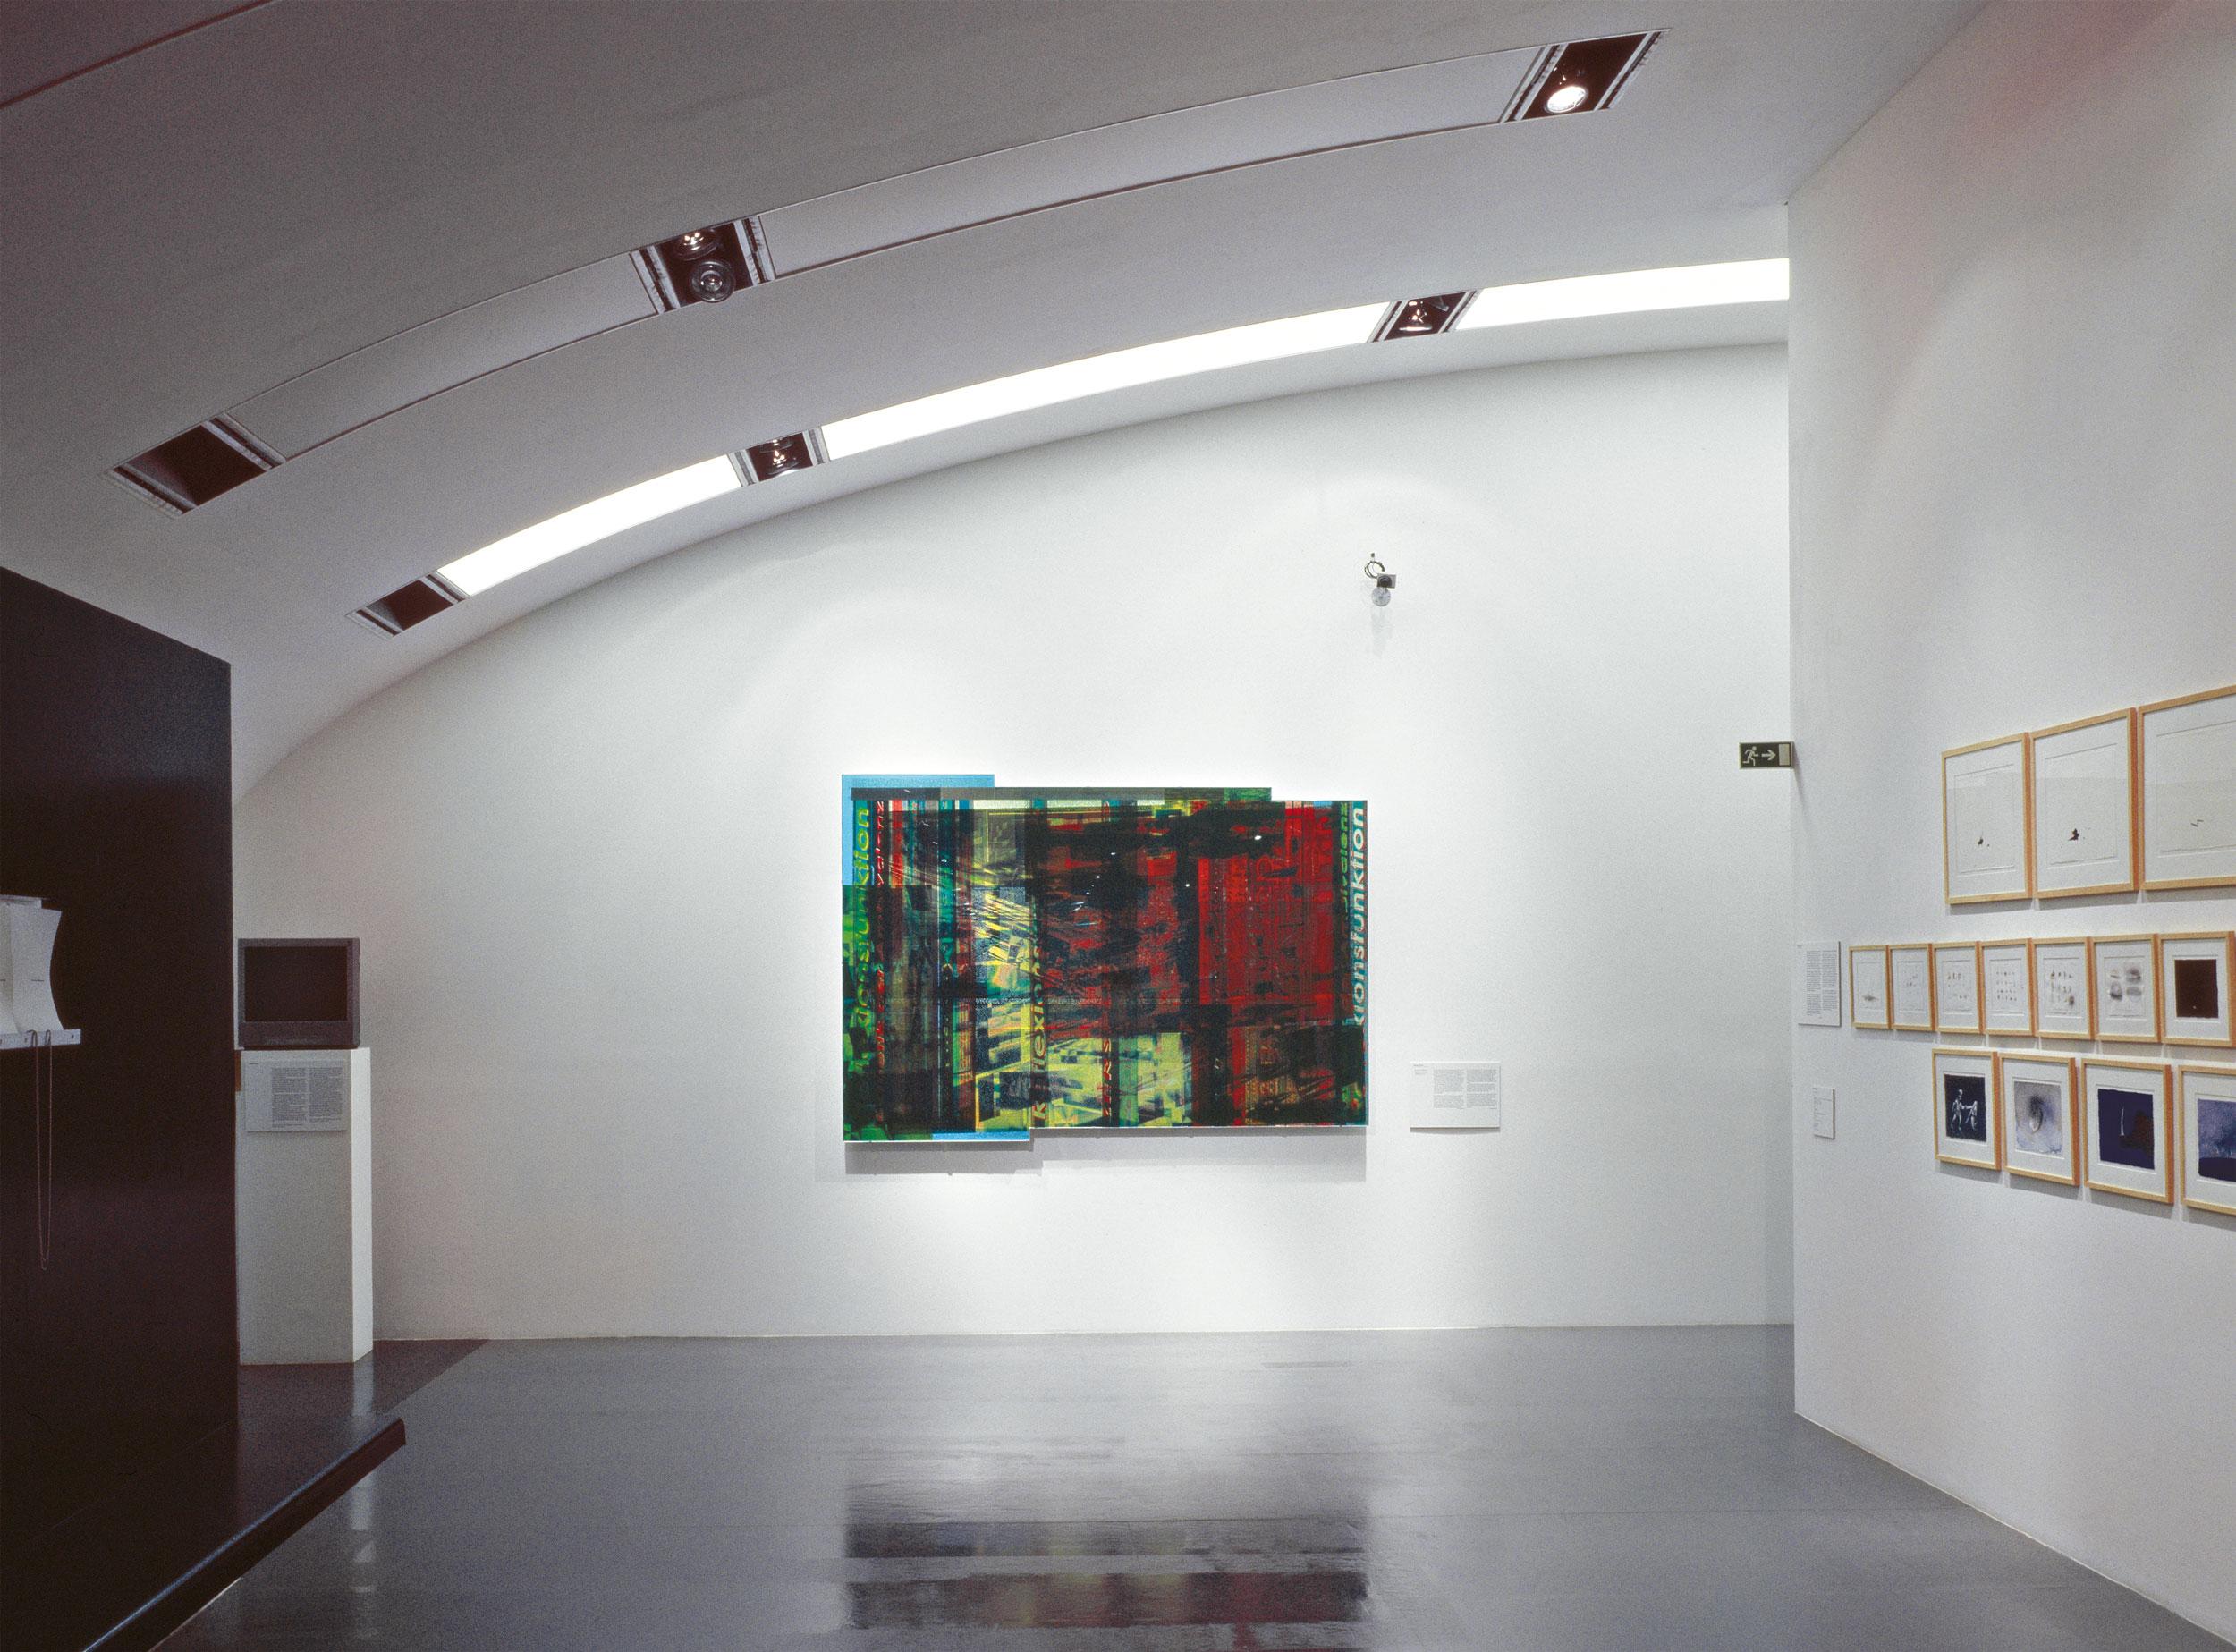 Attack!, Kunst und Krieg im Zeitalter der Medien, Kunsthalle Wien, Ausstellungsansicht, 2003 Foto: Schachinger